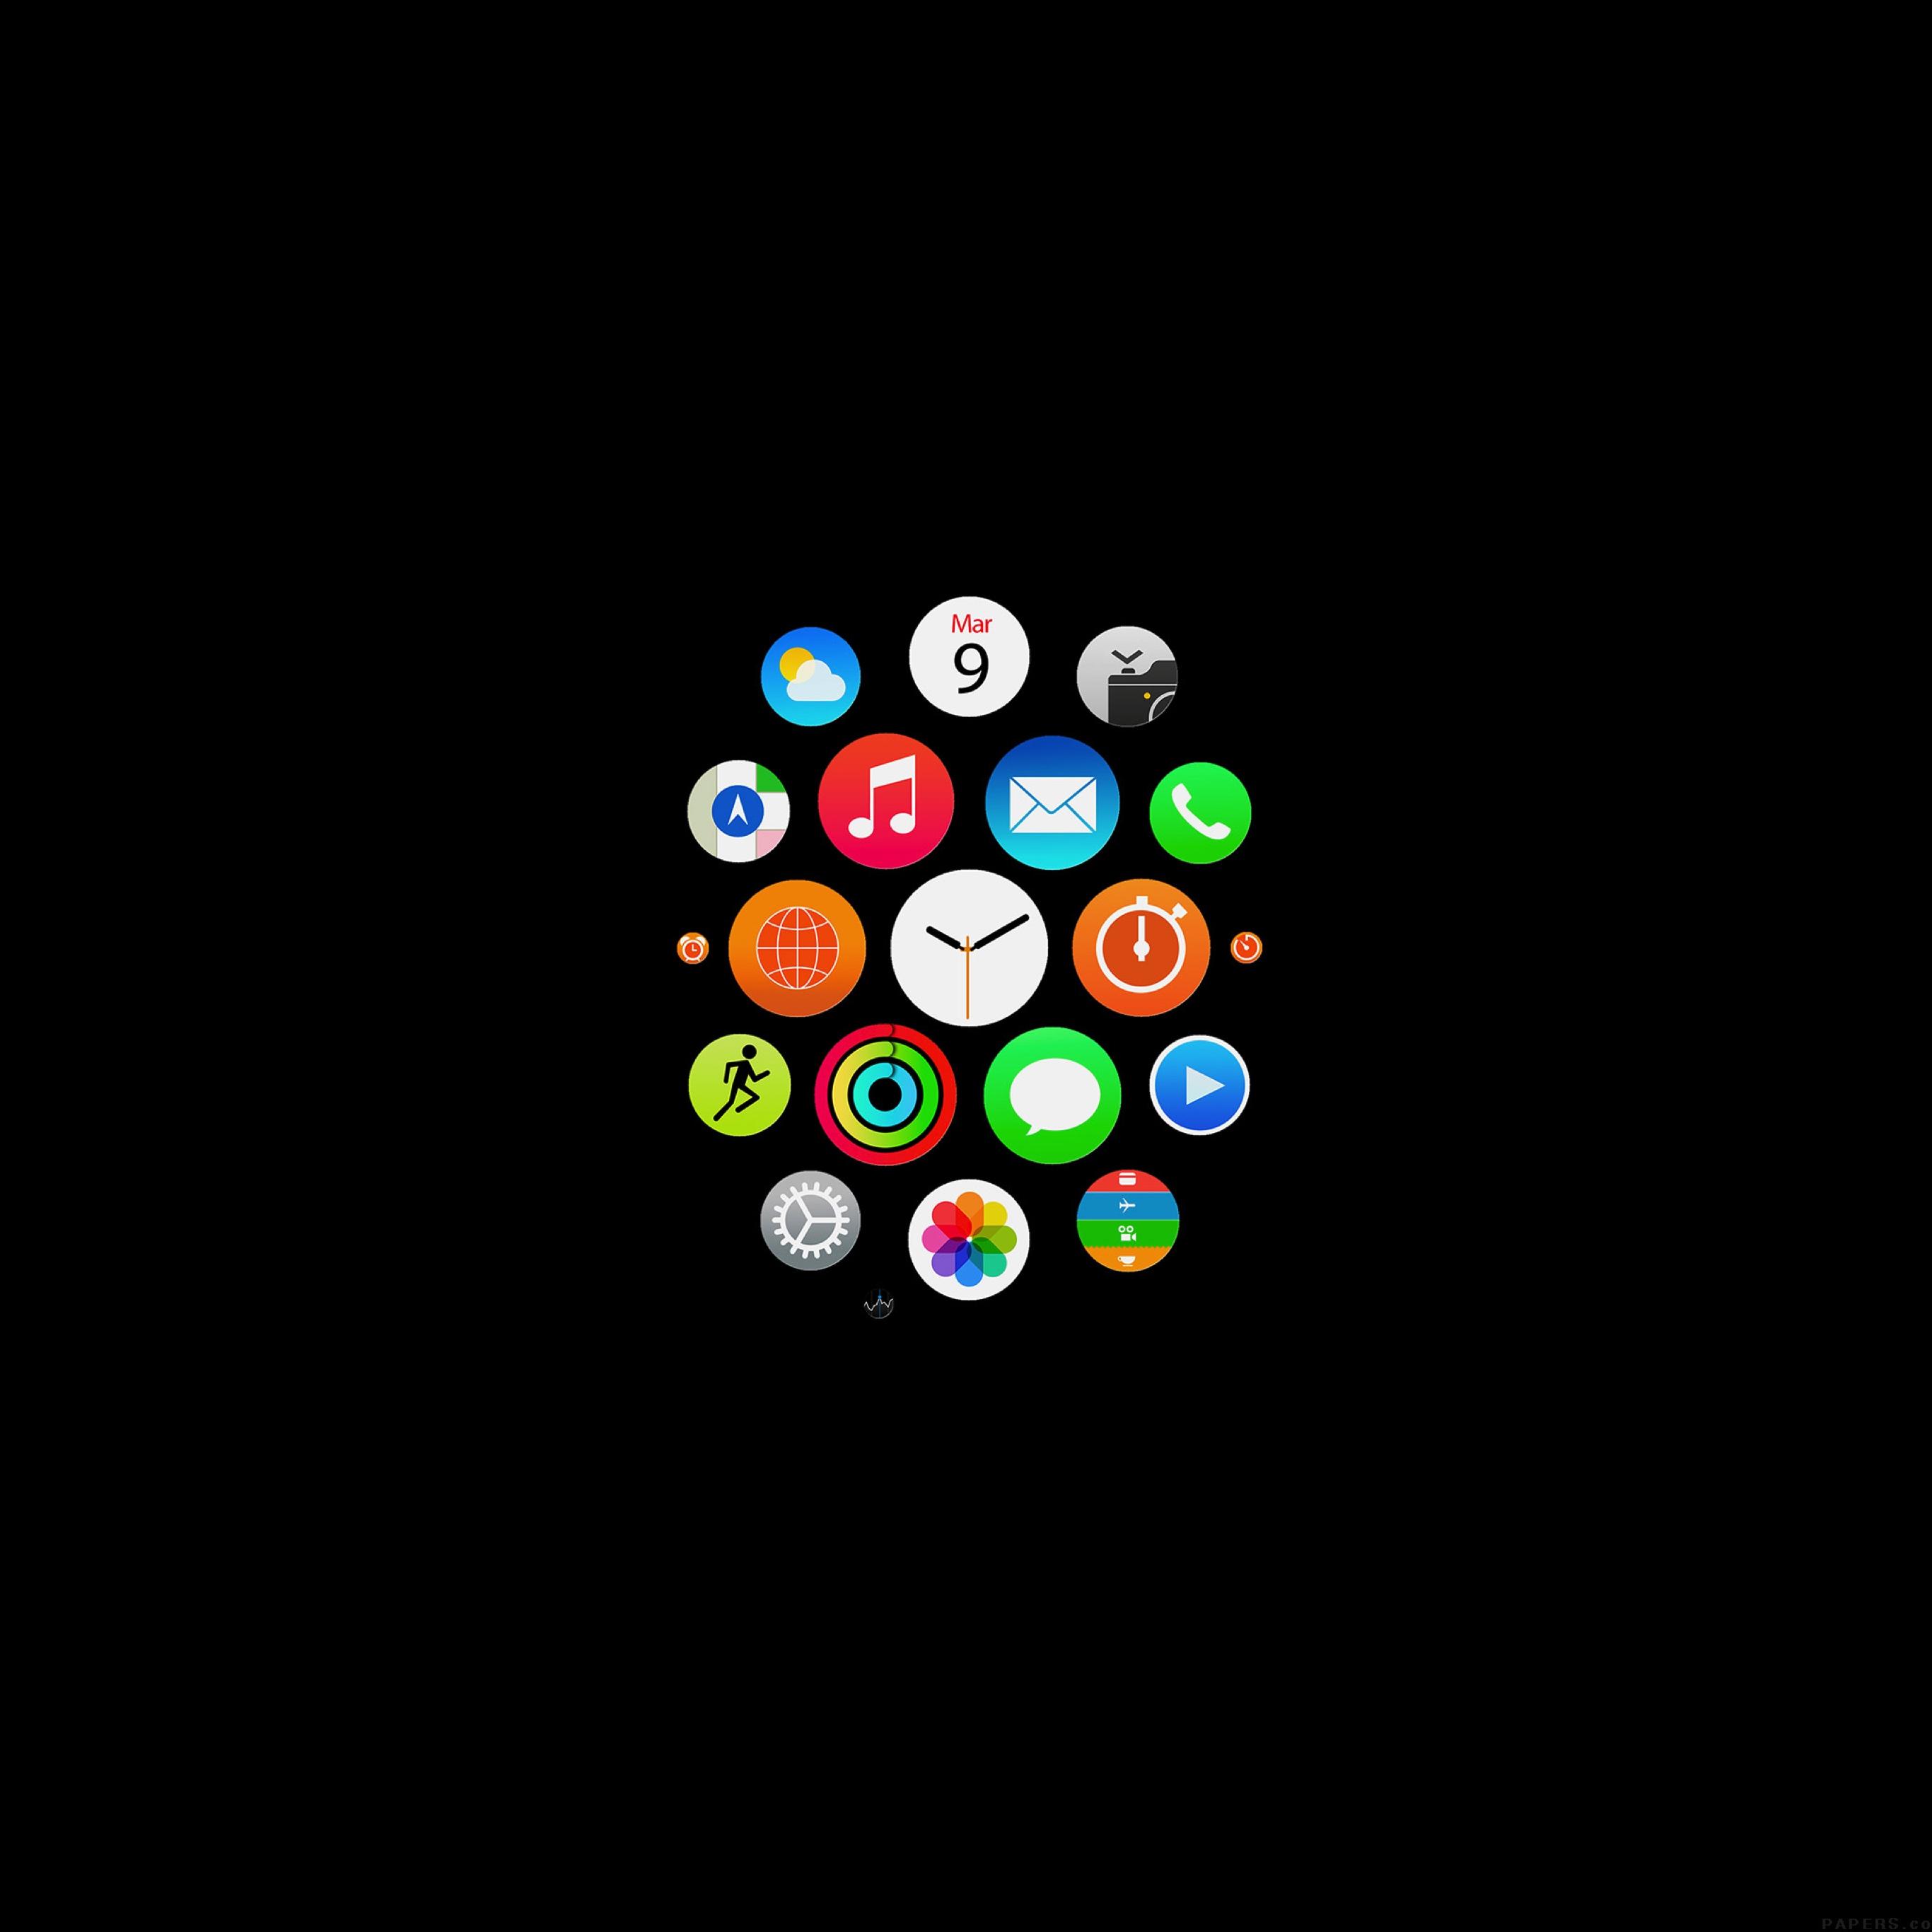 iPadPro 2732x2732 611 2732x2732